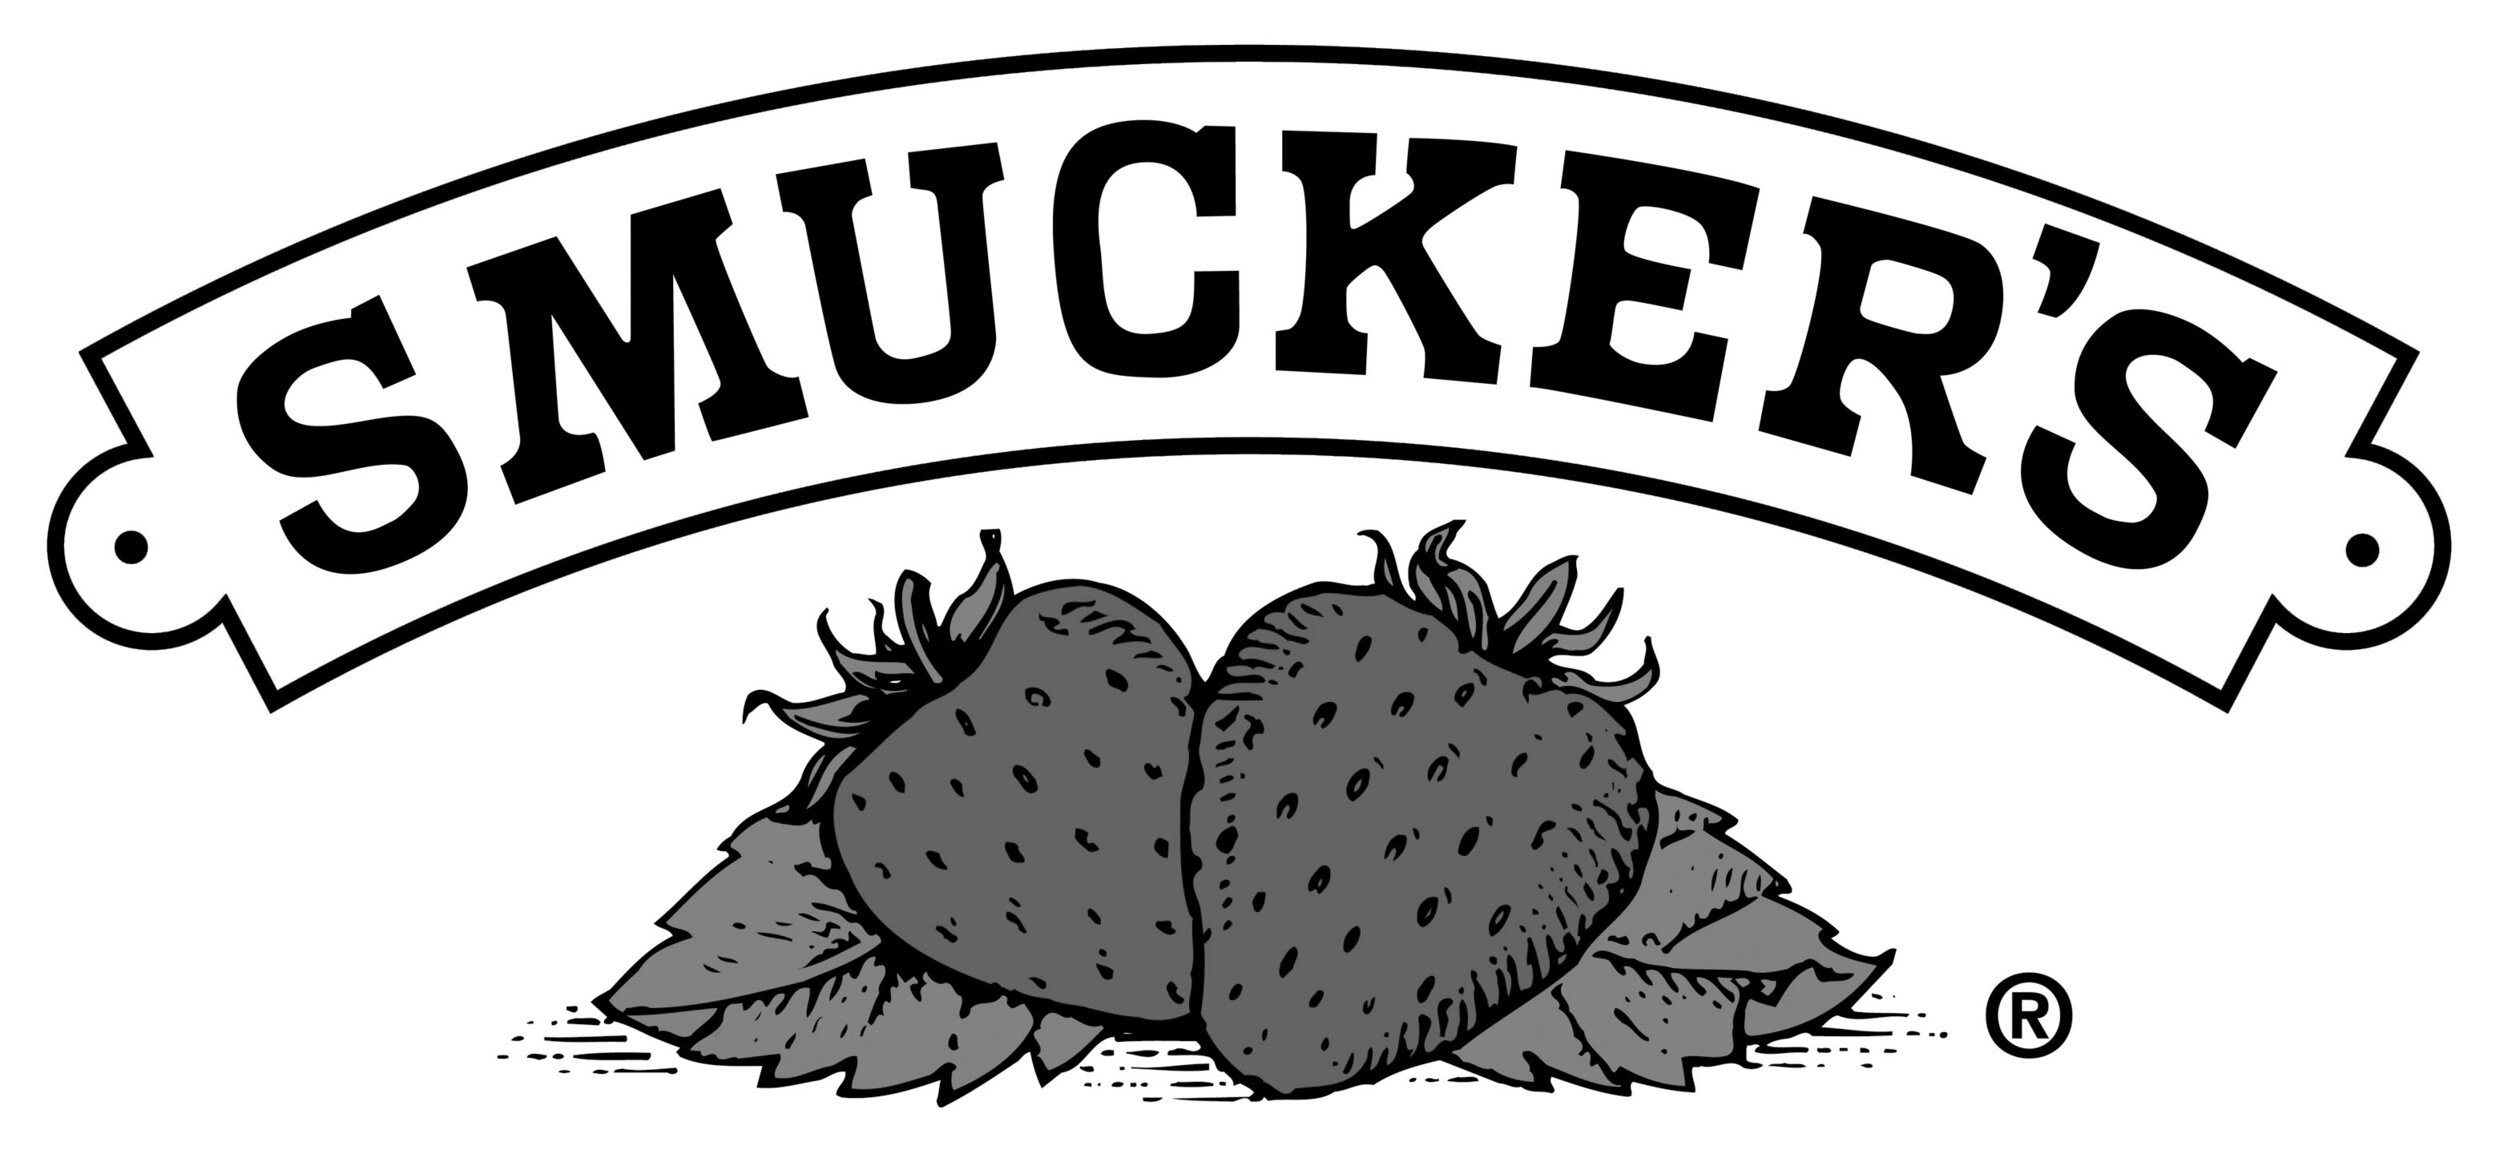 smuckers-jelly-logo-i5.jpg